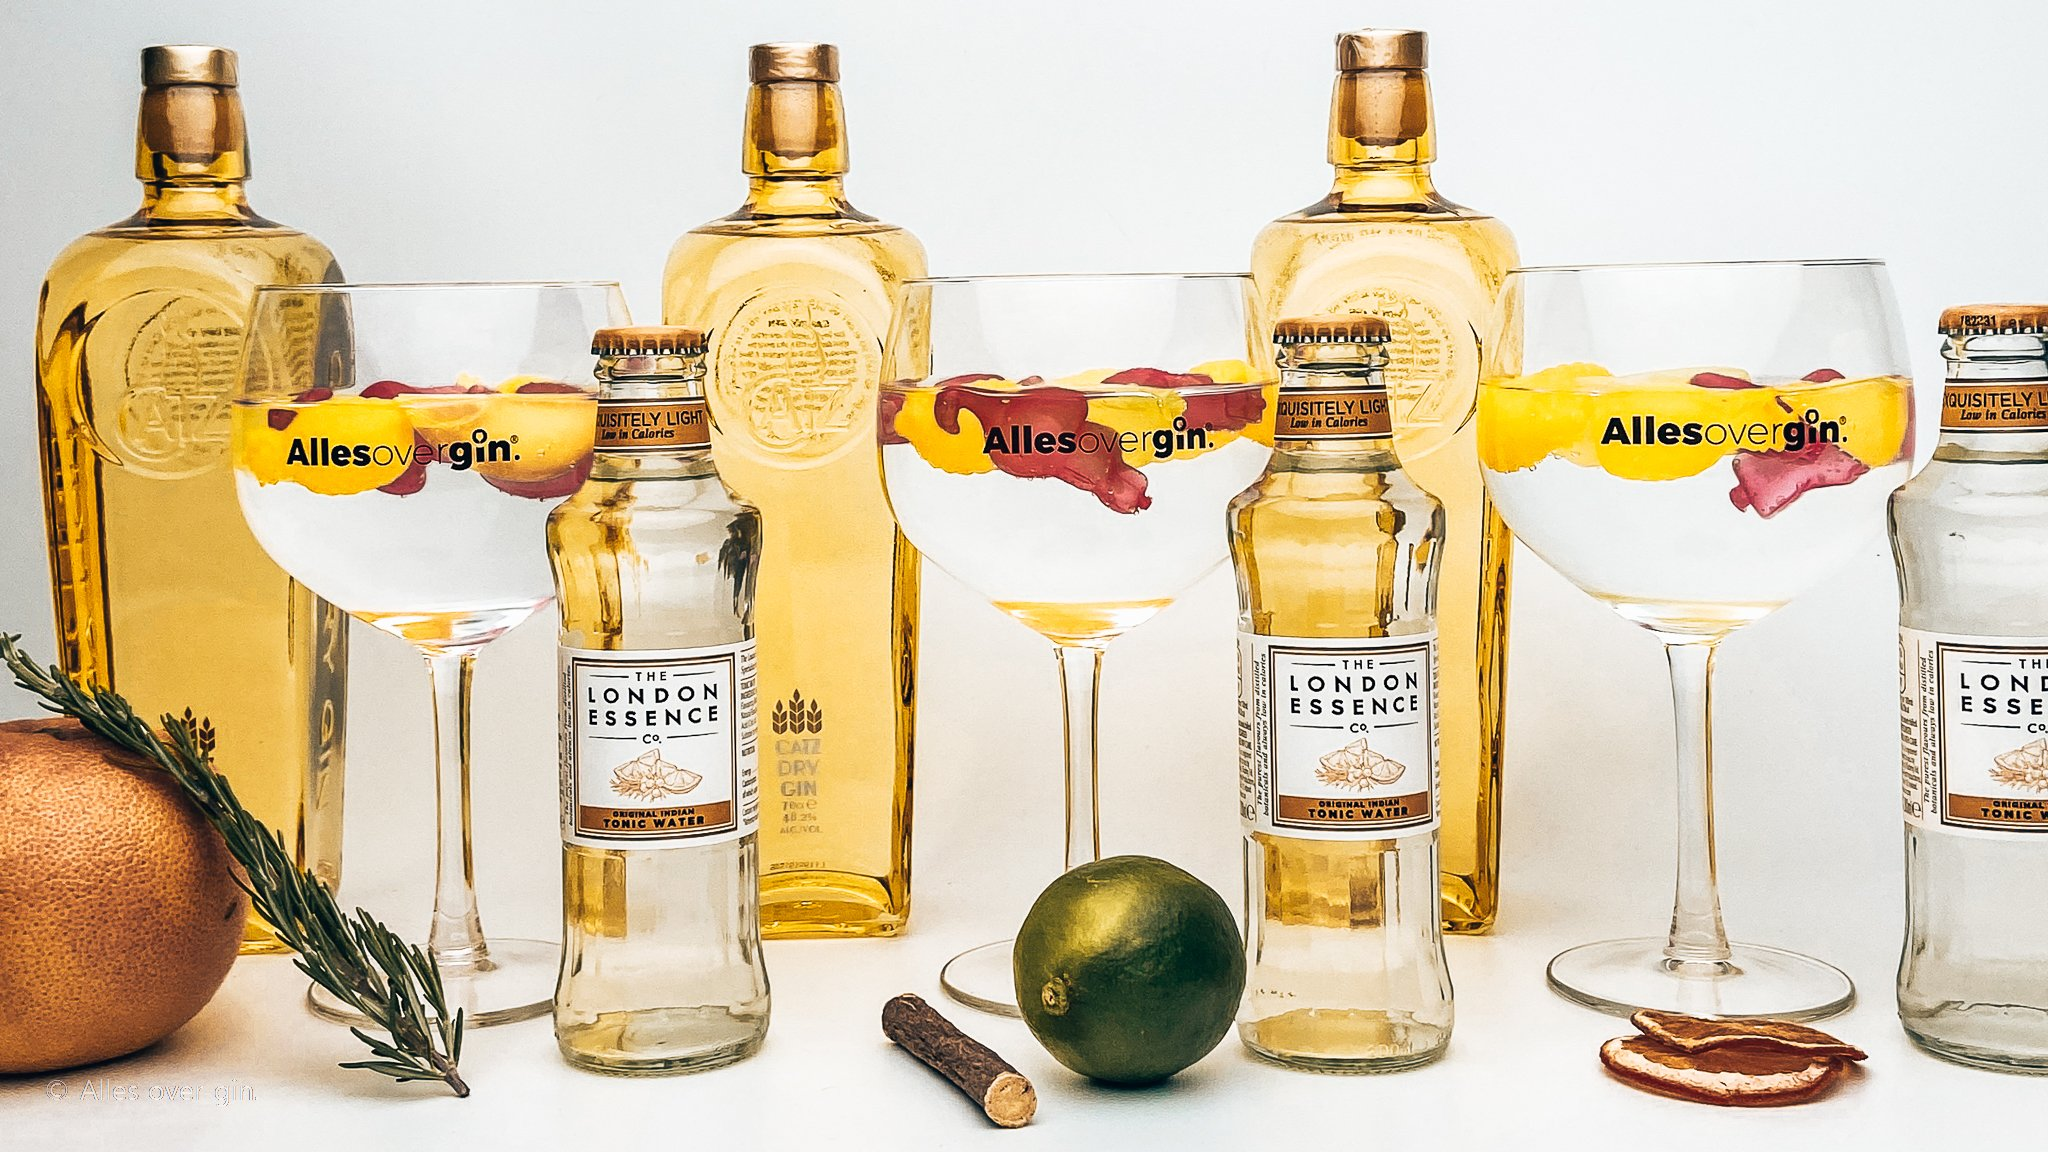 Gin-tonic recepten, classic serves met CATZ Dry Gin en London Essence mixers, Alles over gin.